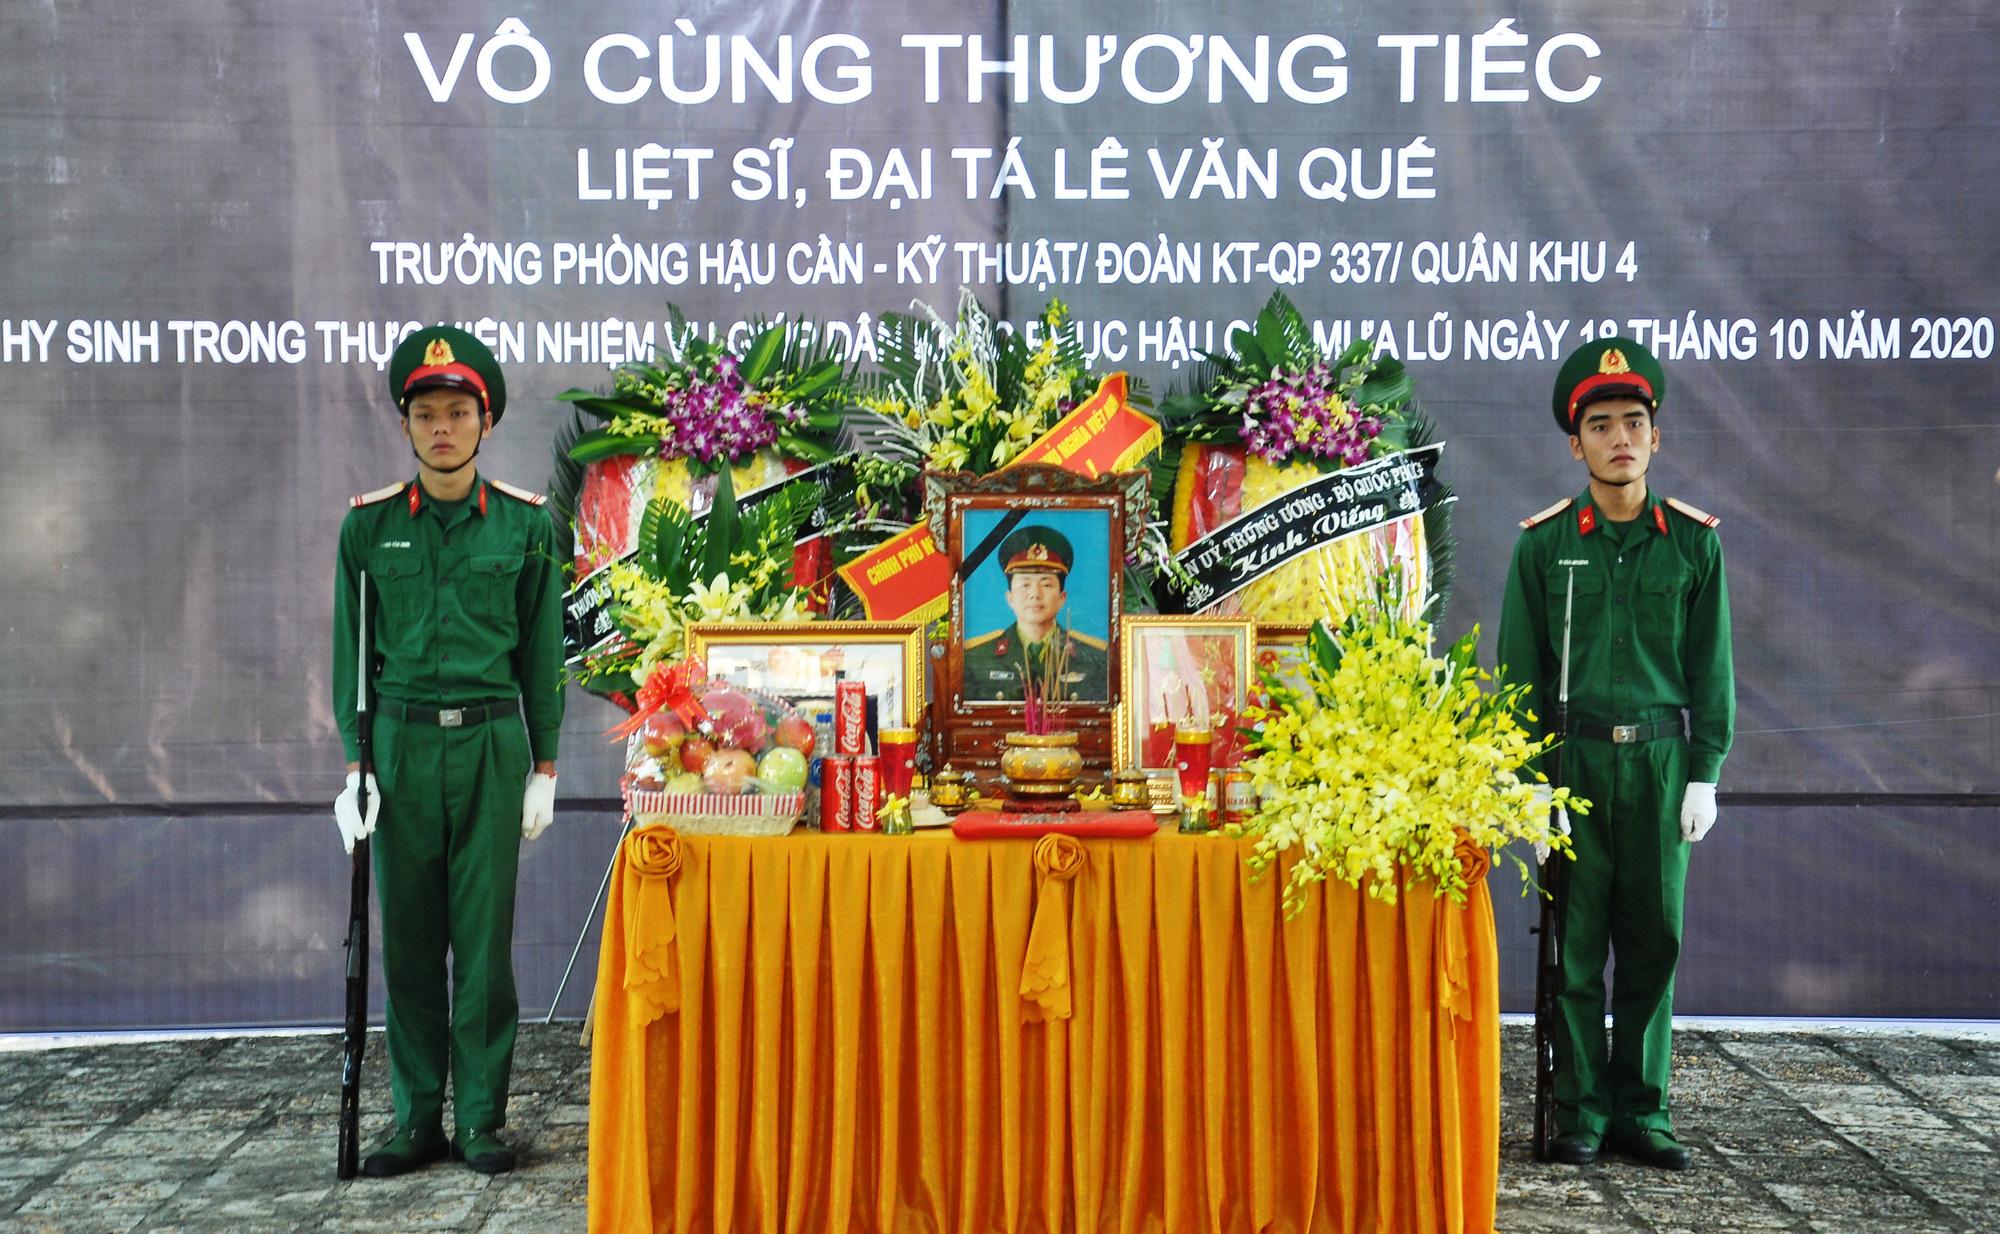 Lễ viếng, truy điệu ở quê nhà đại tá Lê Văn Quế, 1 trong 22 liệt sĩ đoàn 337  - Ảnh 1.